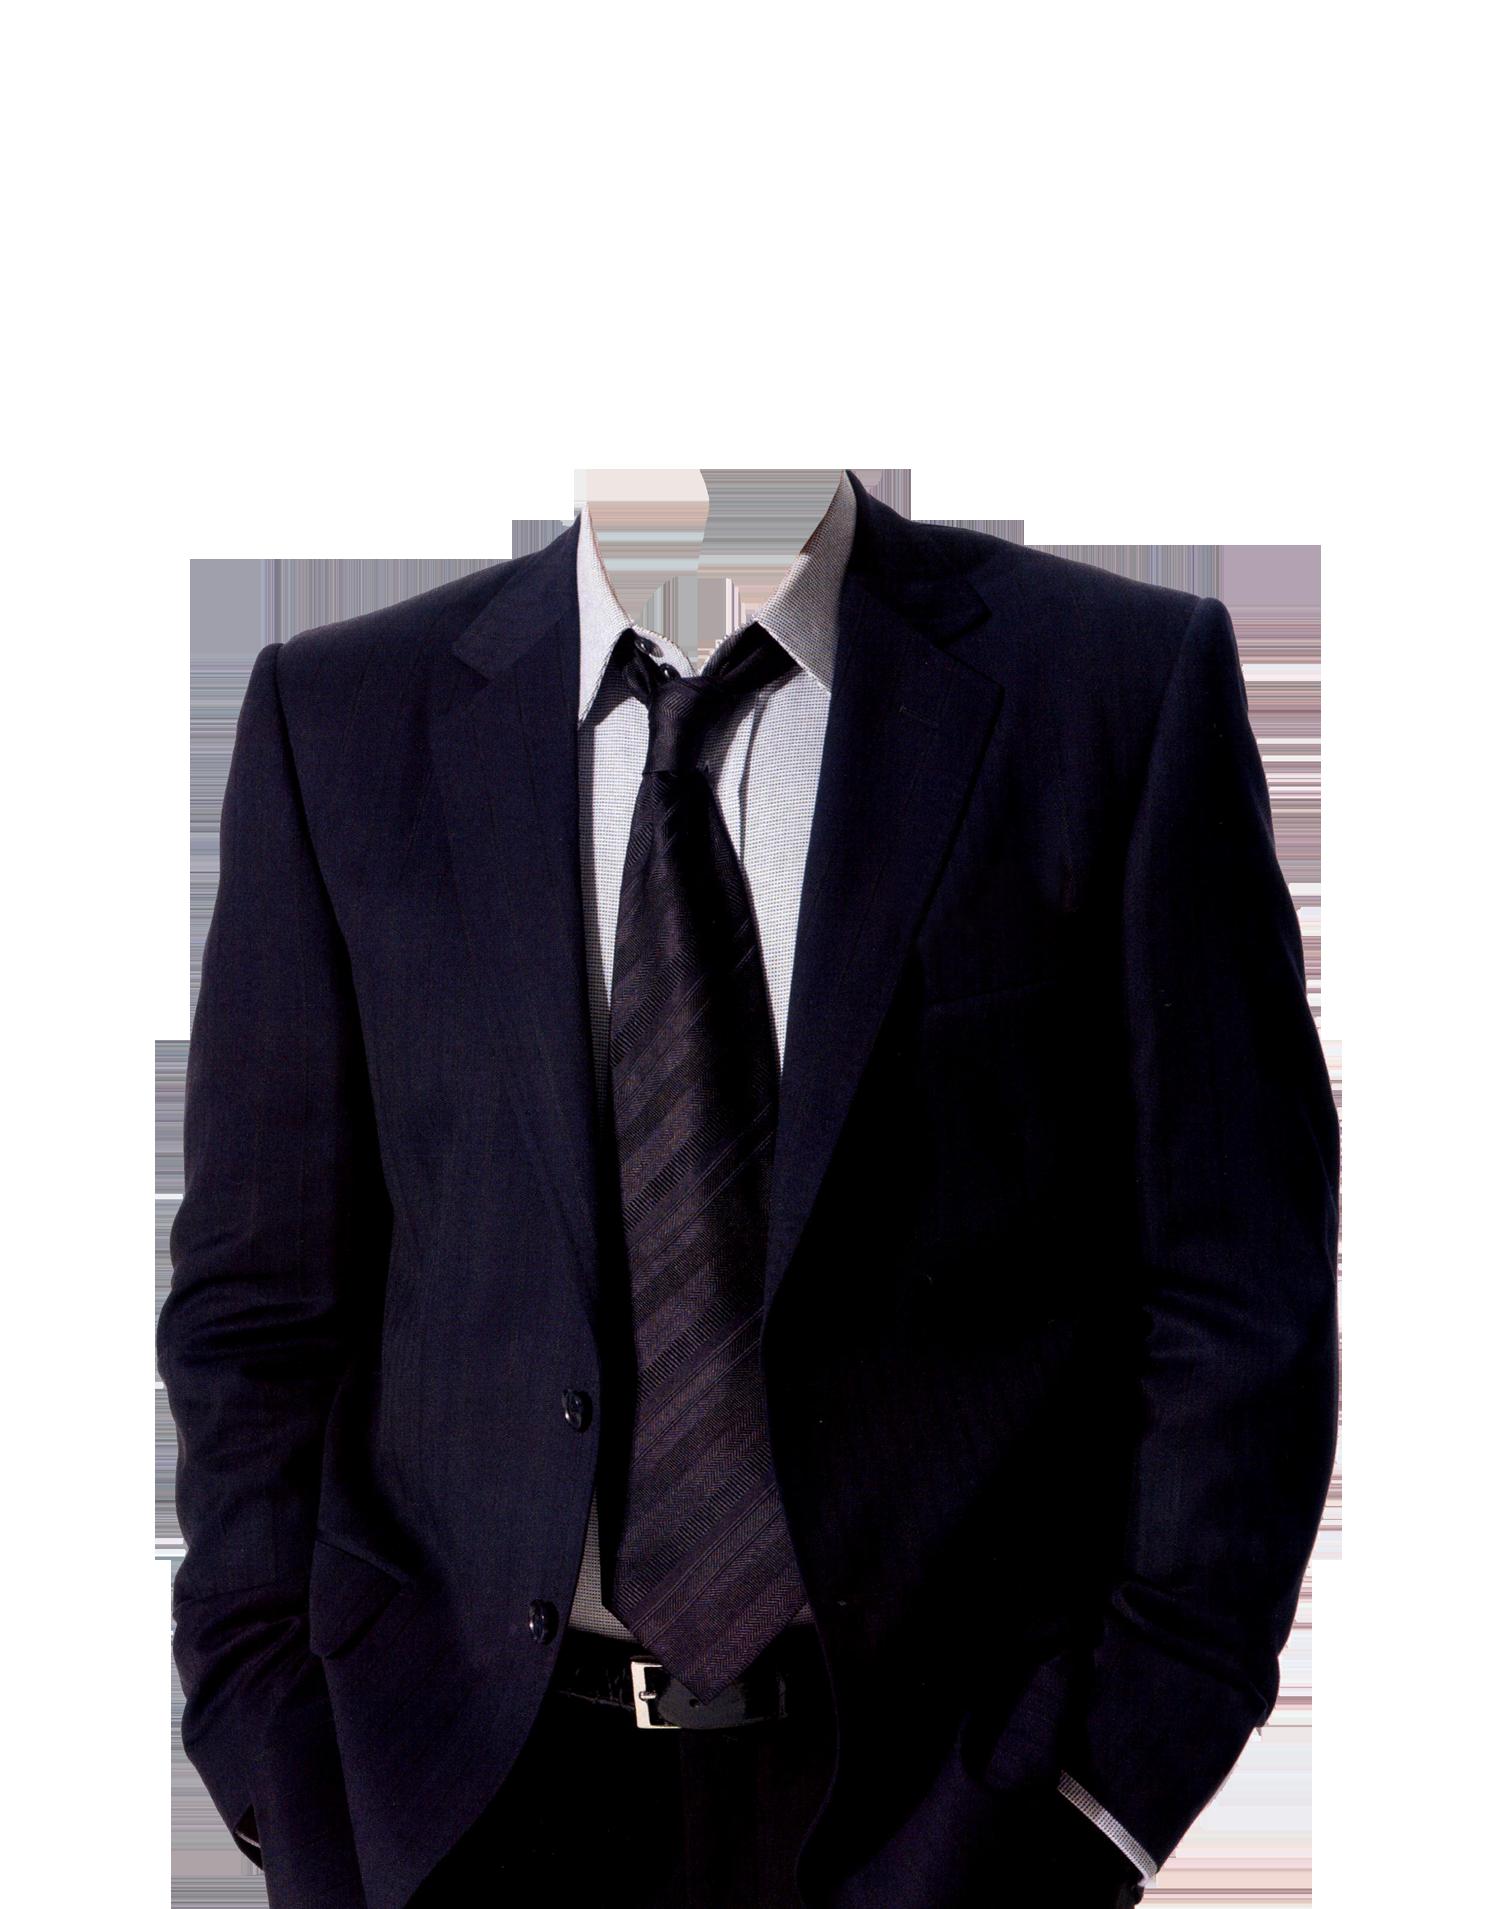 Mr clipart suited man. Suit png image transparent